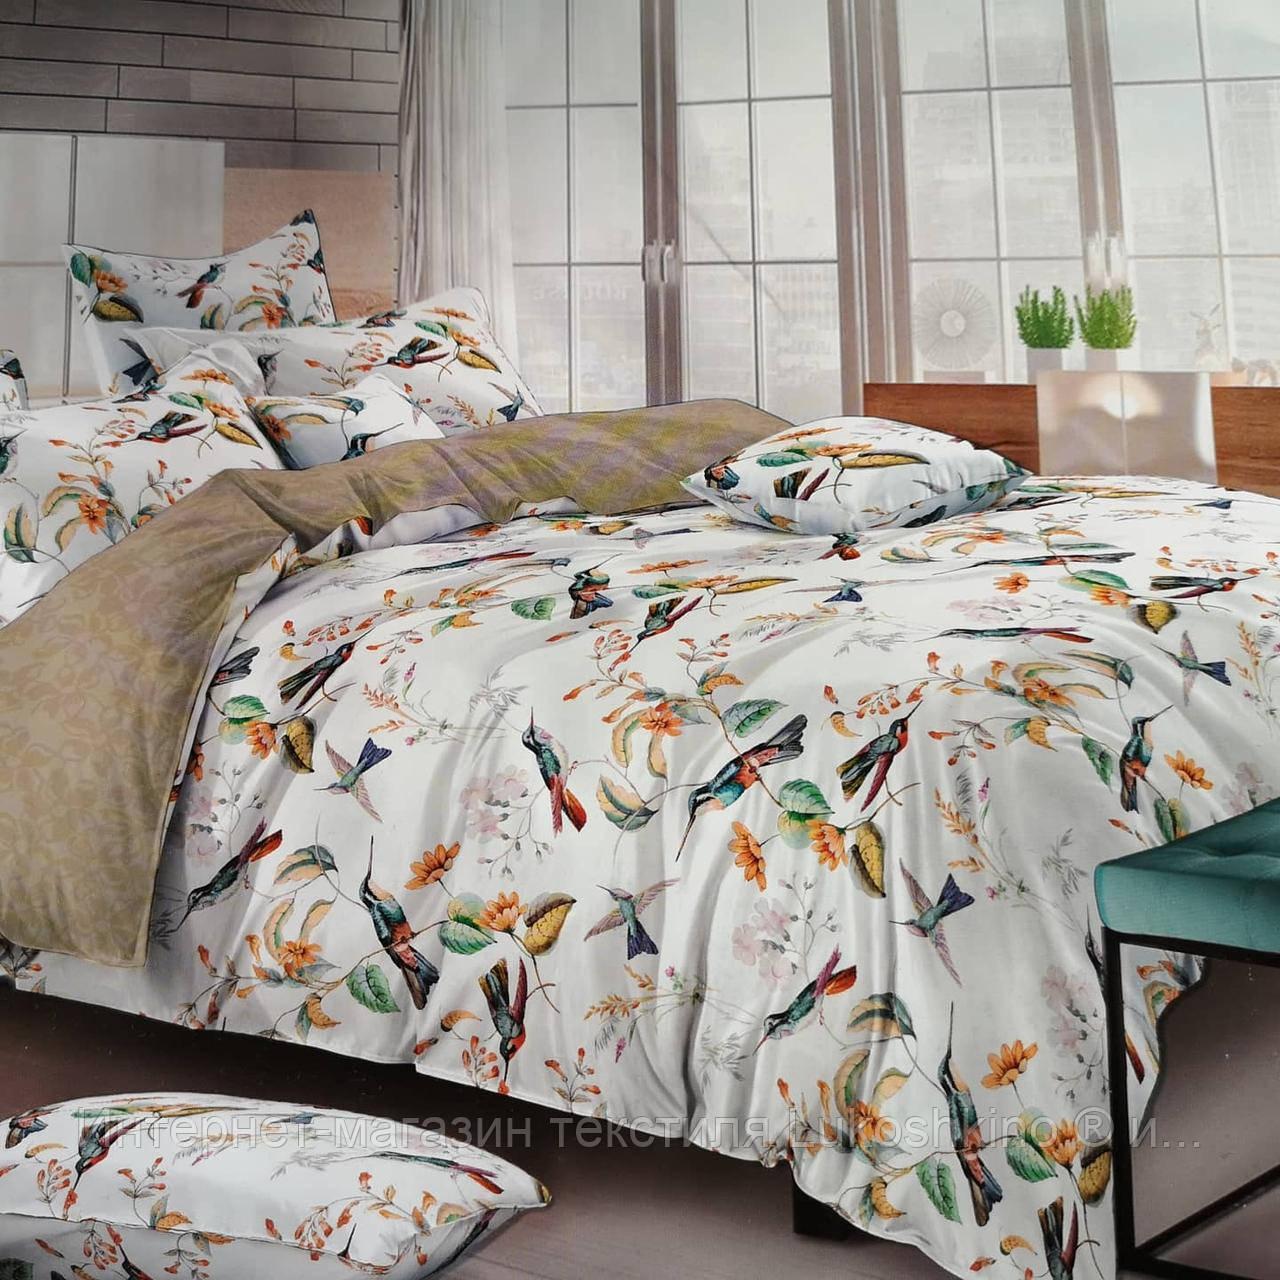 Полуторный комплект постельного белья. Двуспальный, Евро, Семейный. Хлопок, Сатин.